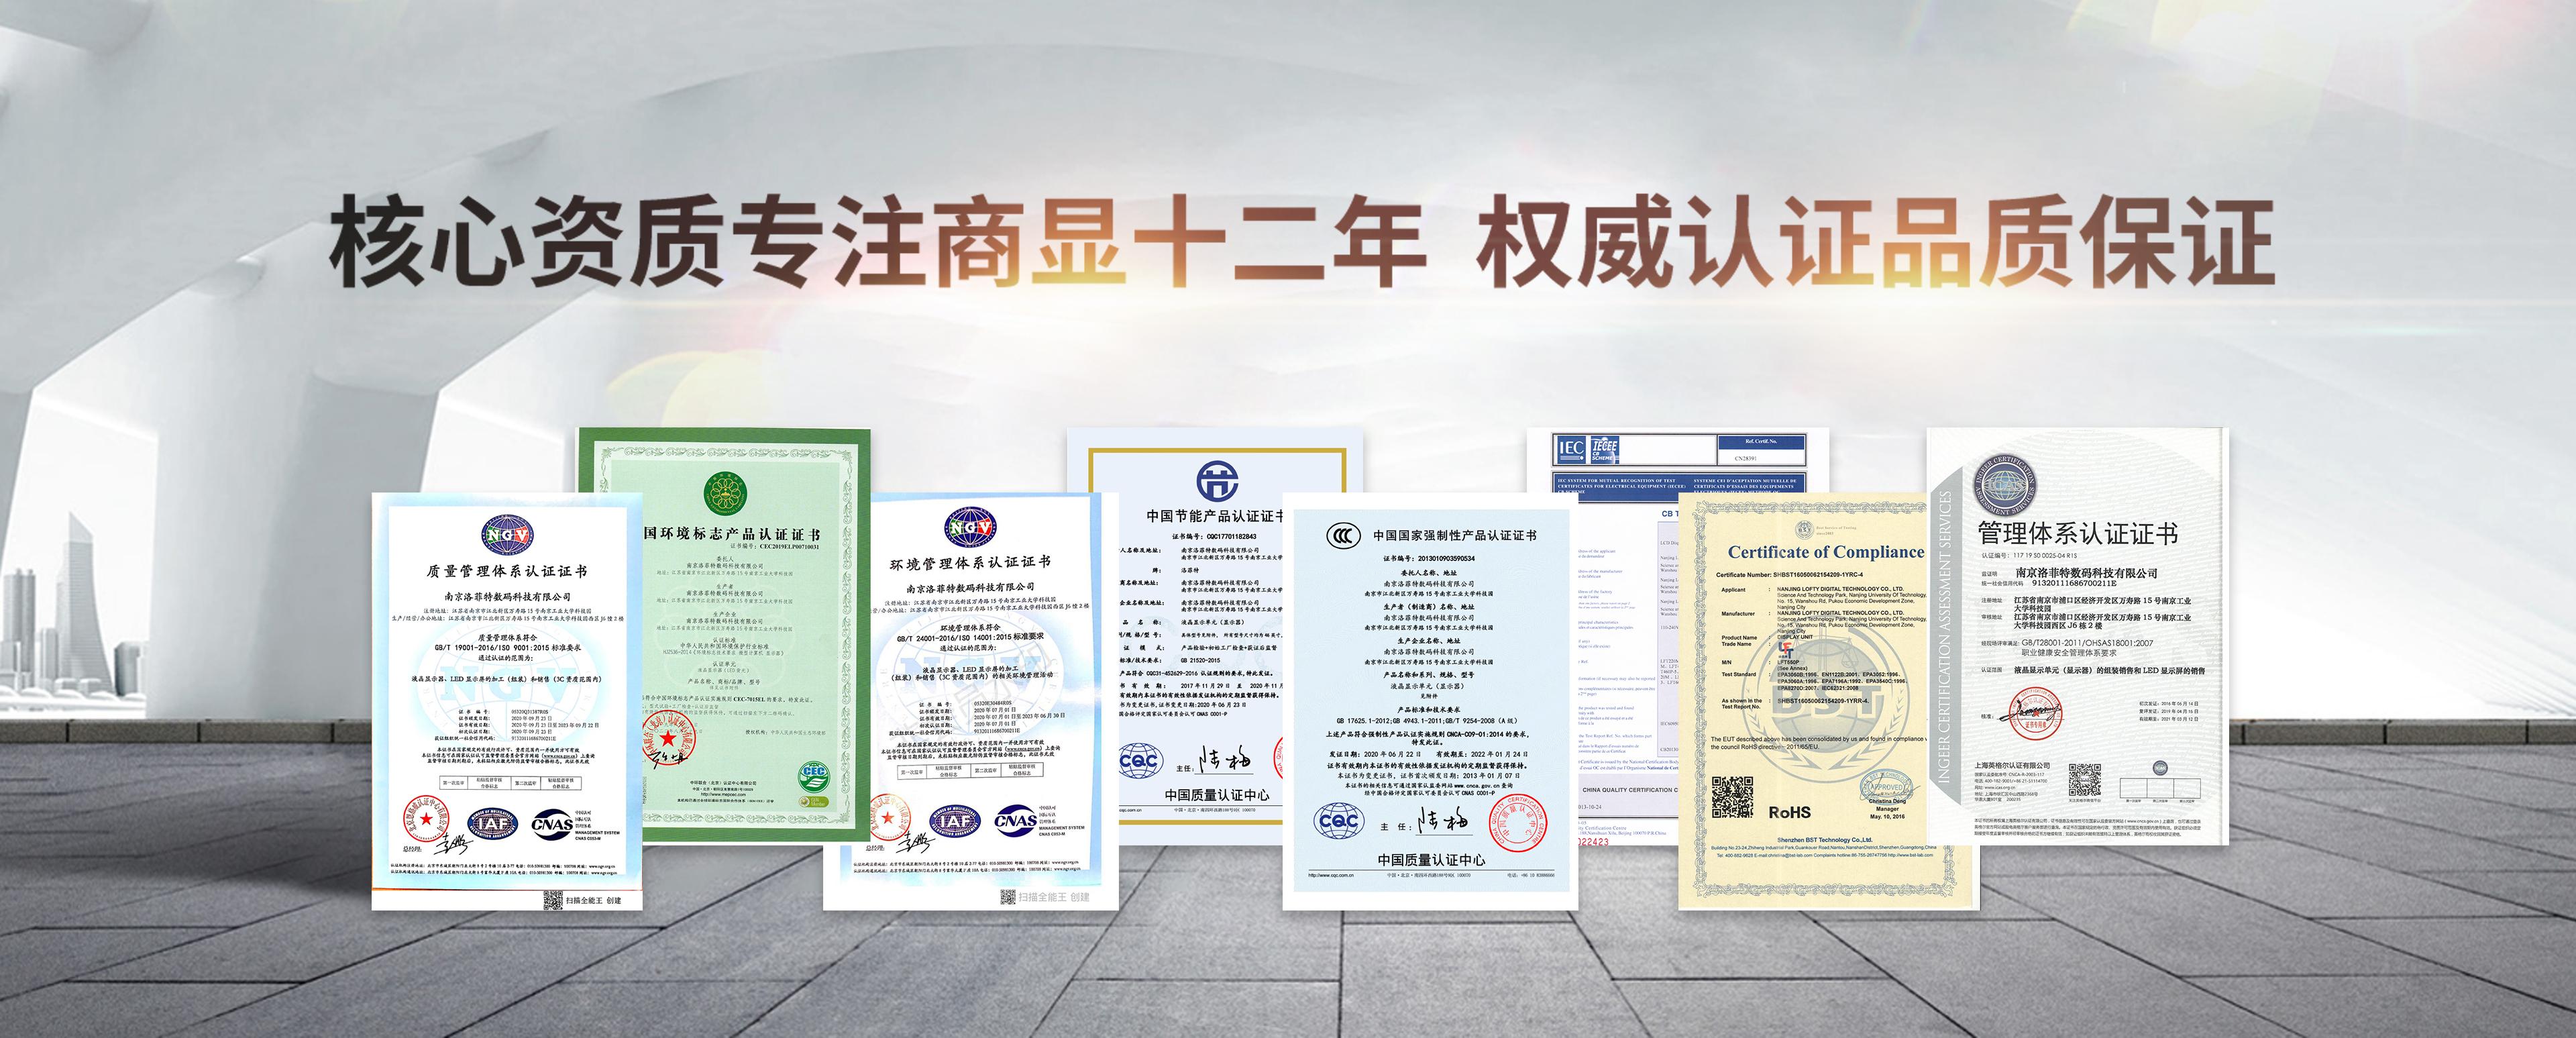 洛抓饭直播网址-12年专注商显技术研发